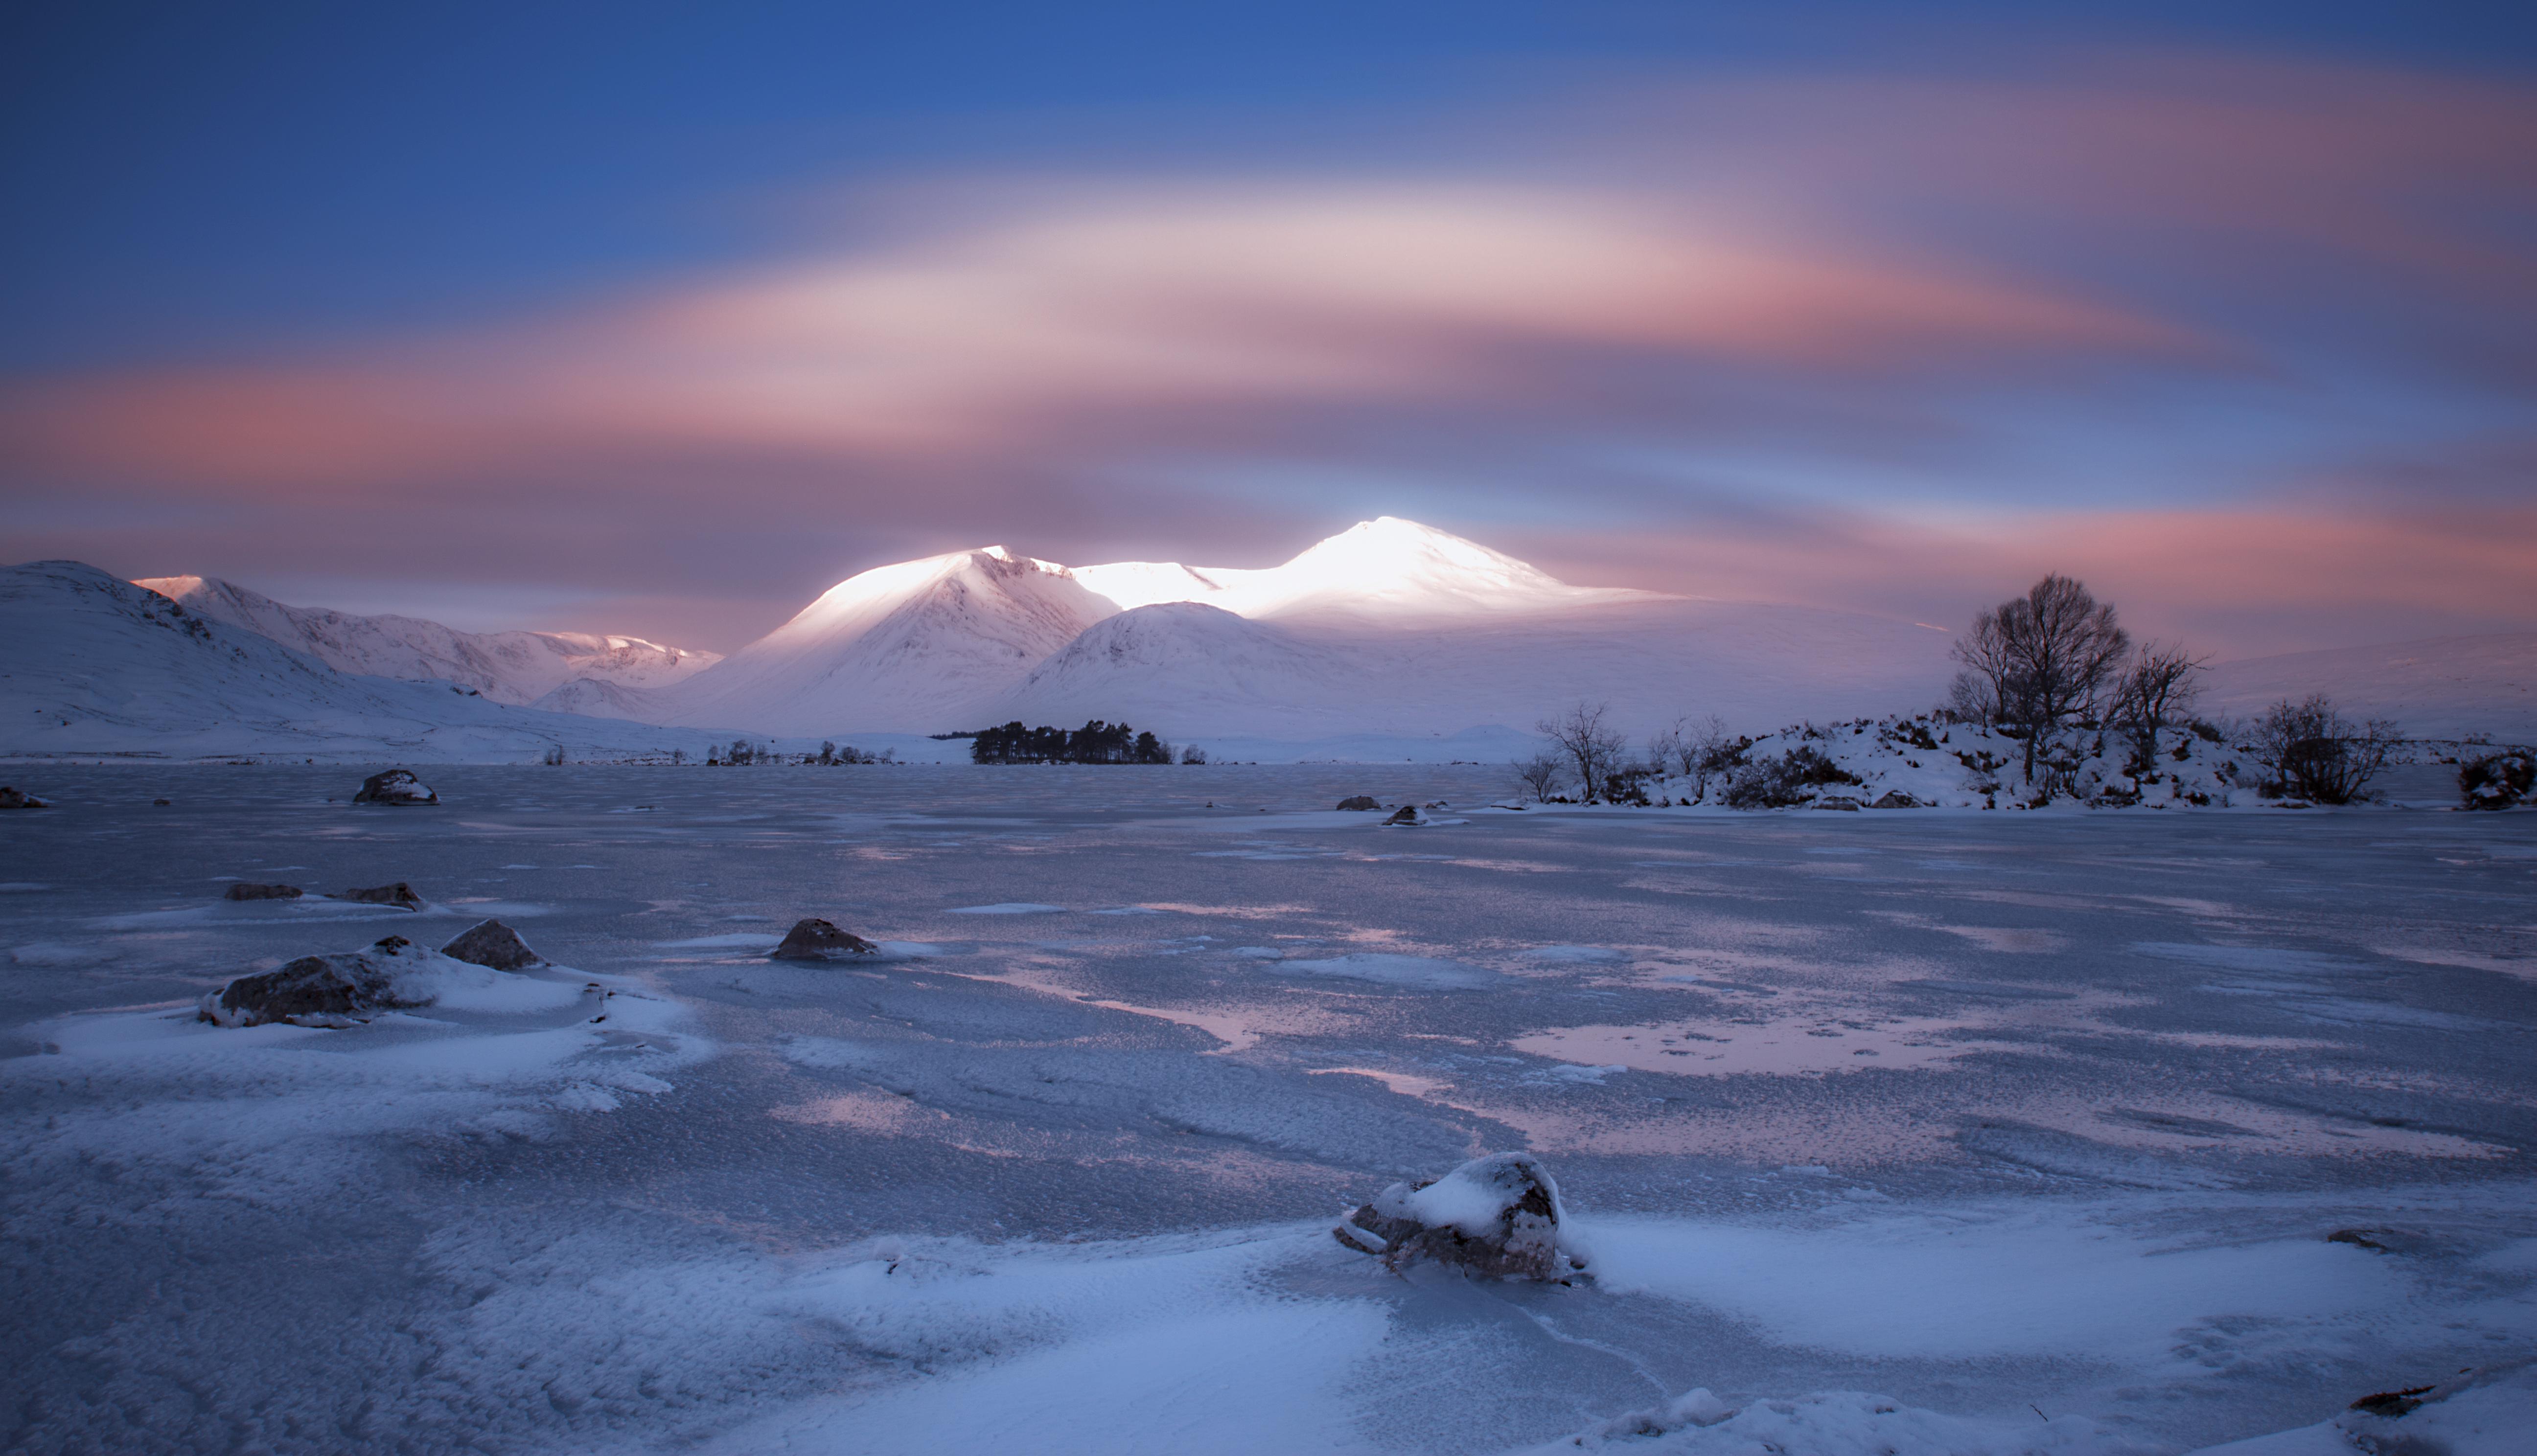 картинки арктической пустыни летом и зимой колонны пилястры полиуретана